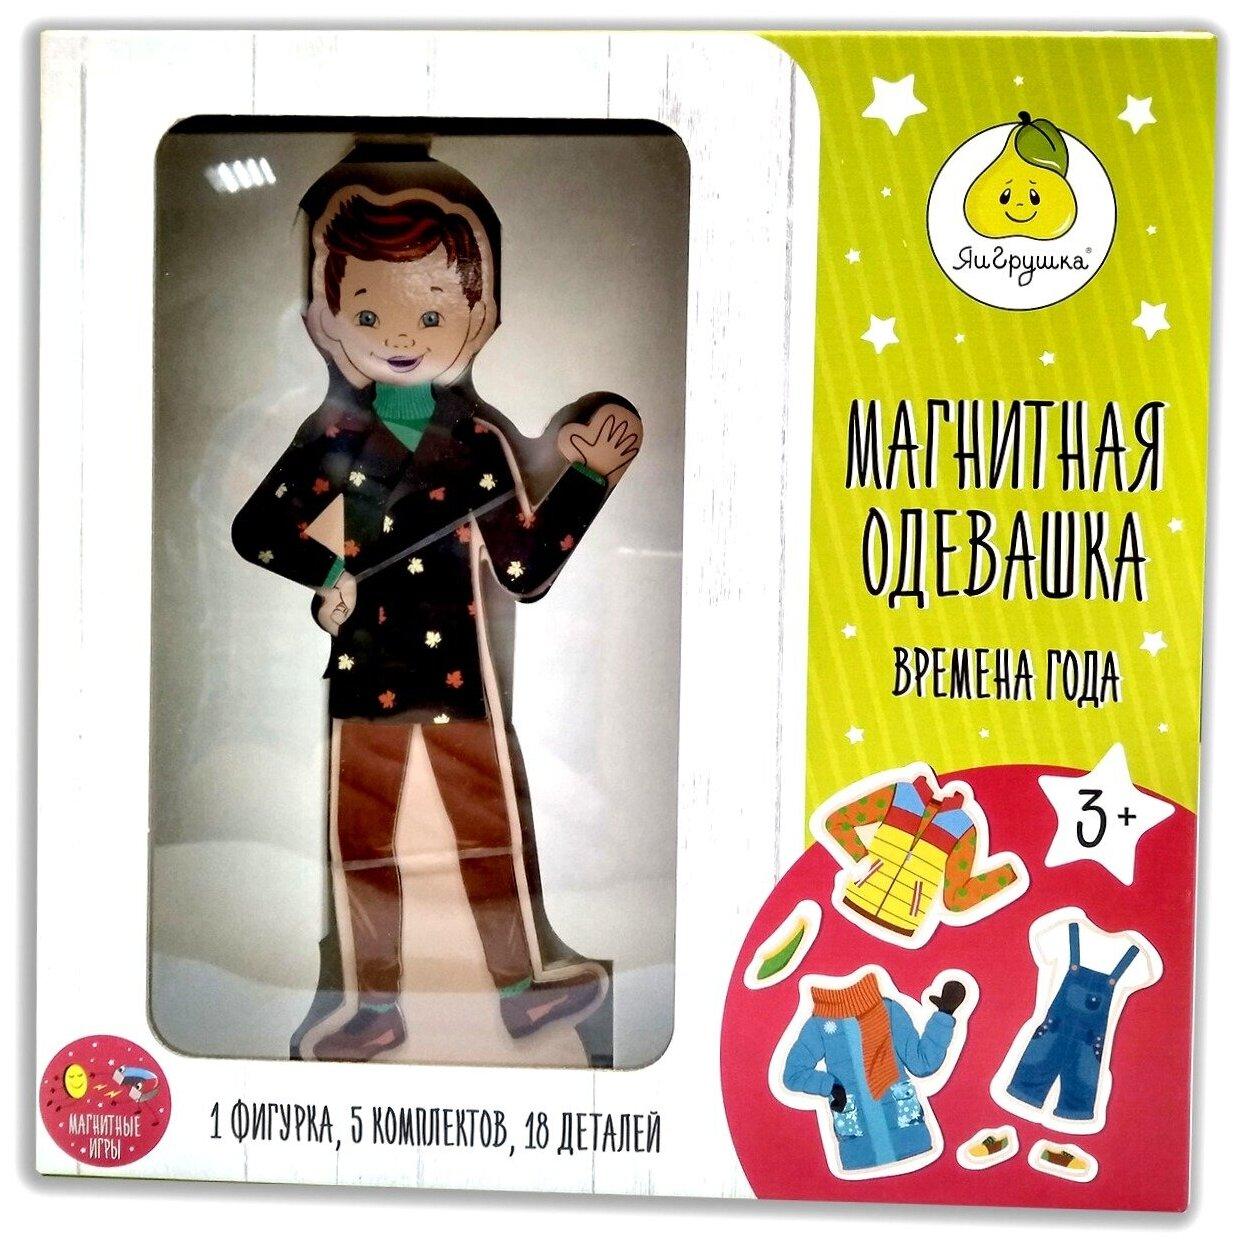 """Игровой набор ЯиГрушка Магнитная одевашка """"Времена года"""" мальчик 59786 — купить по выгодной цене на Яндекс.Маркете"""